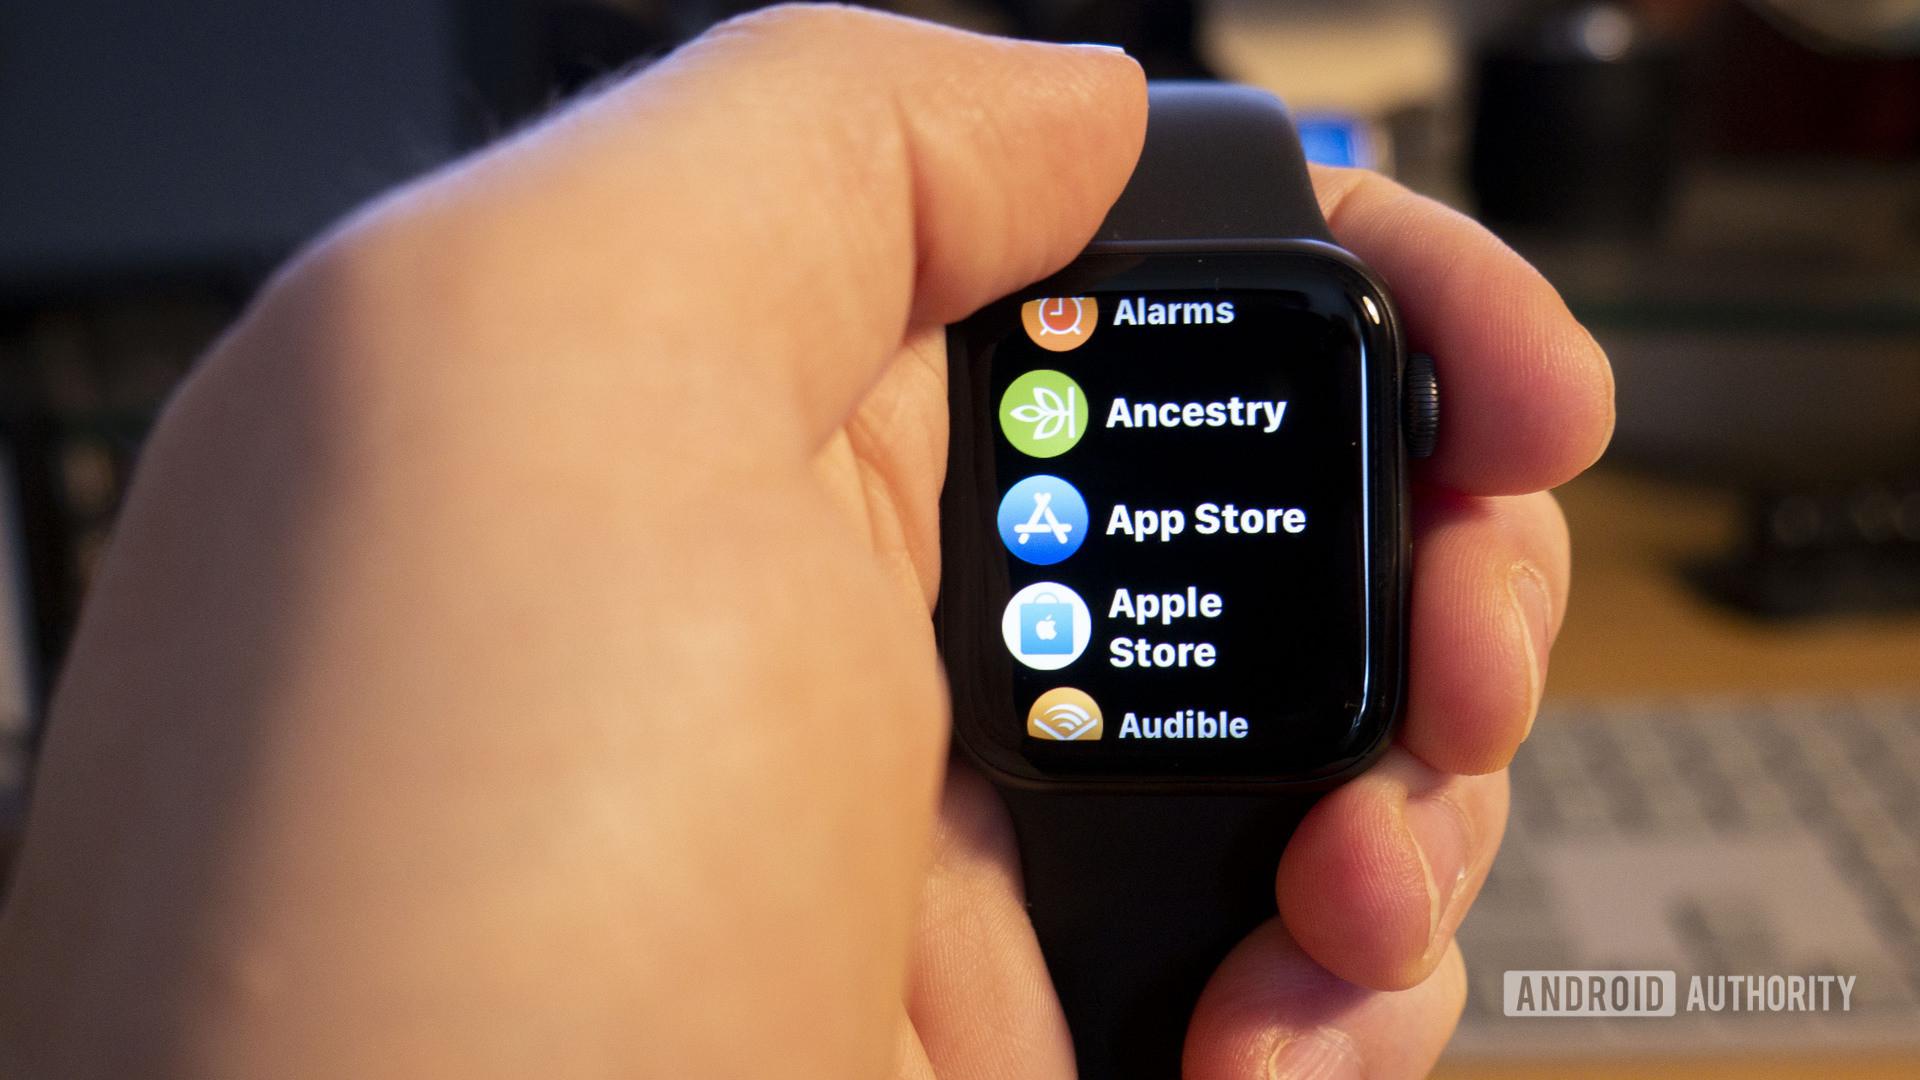 Apple Watch App List